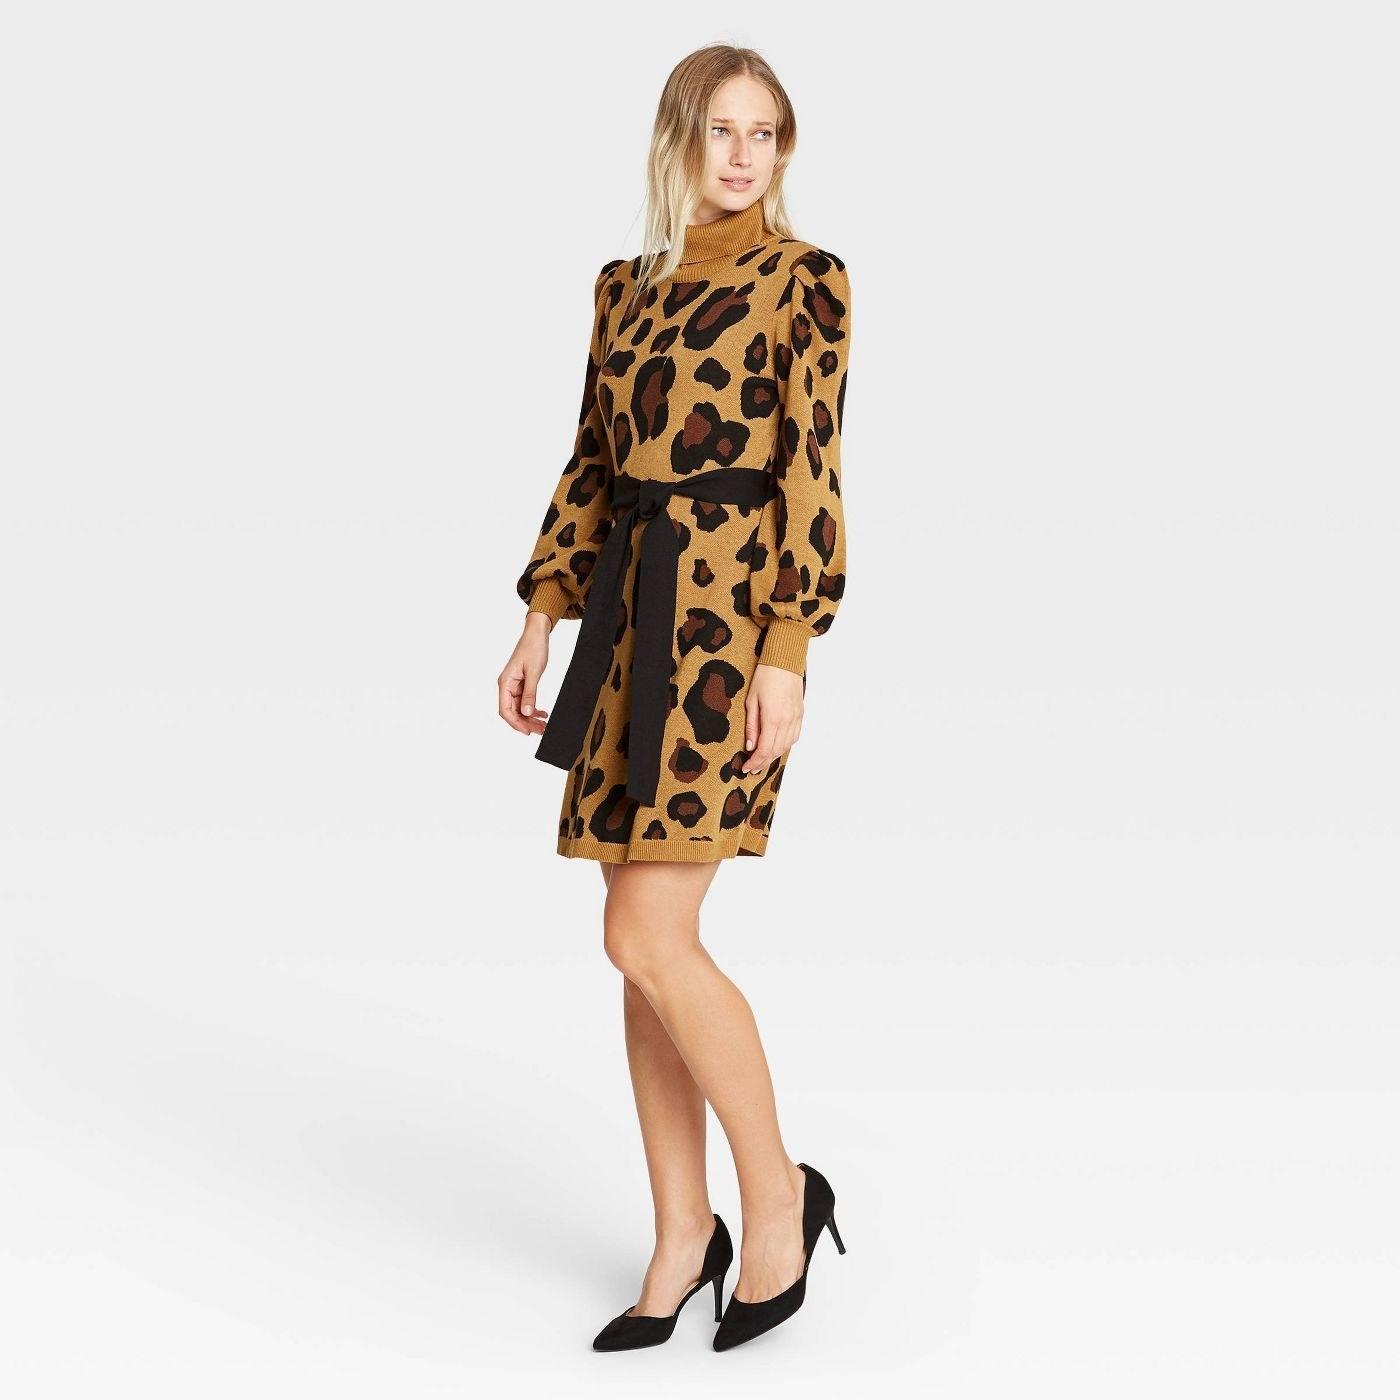 Model wearing leopard mini dress